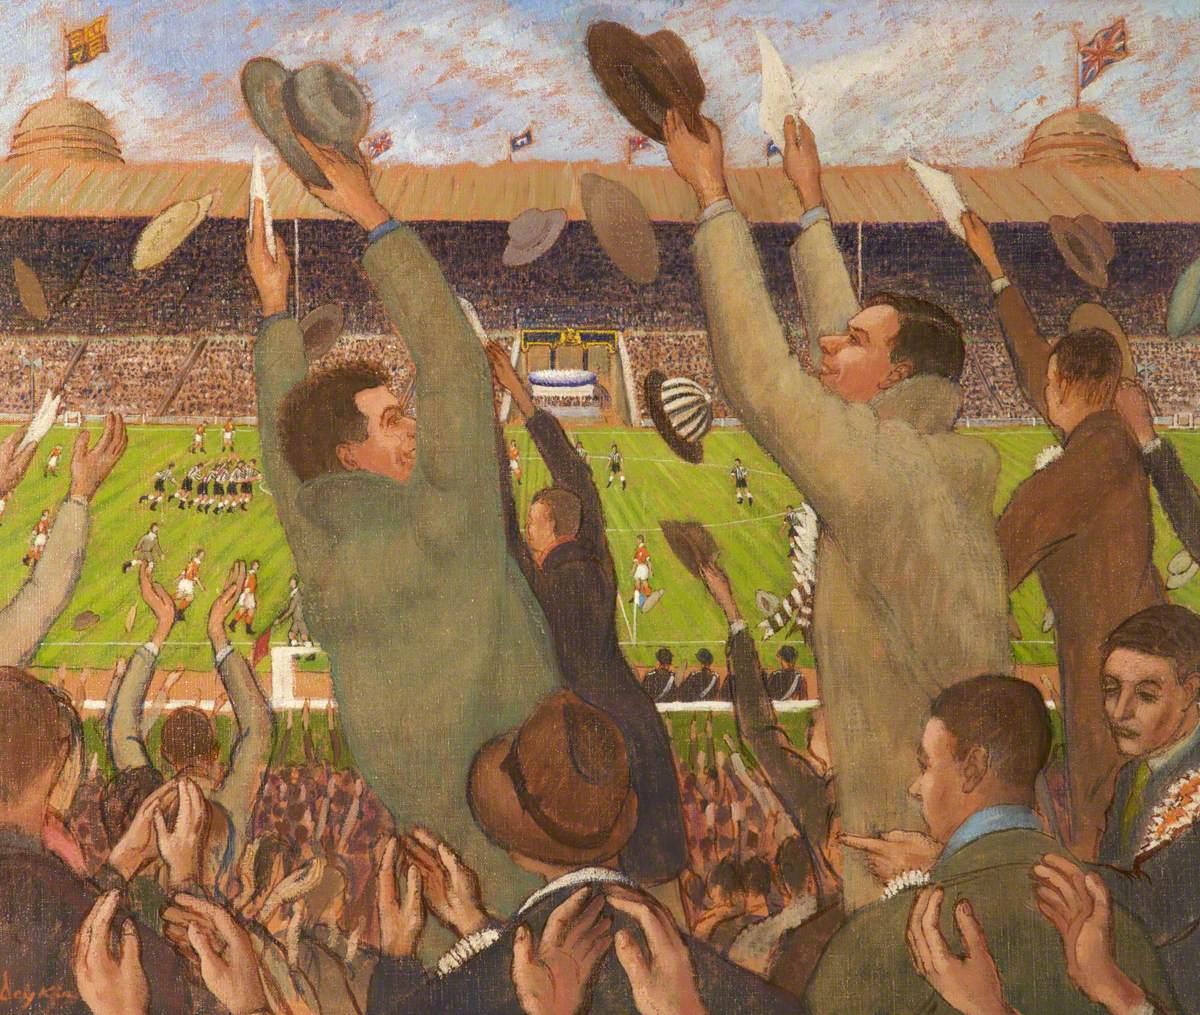 Wembley Cup Final 1951